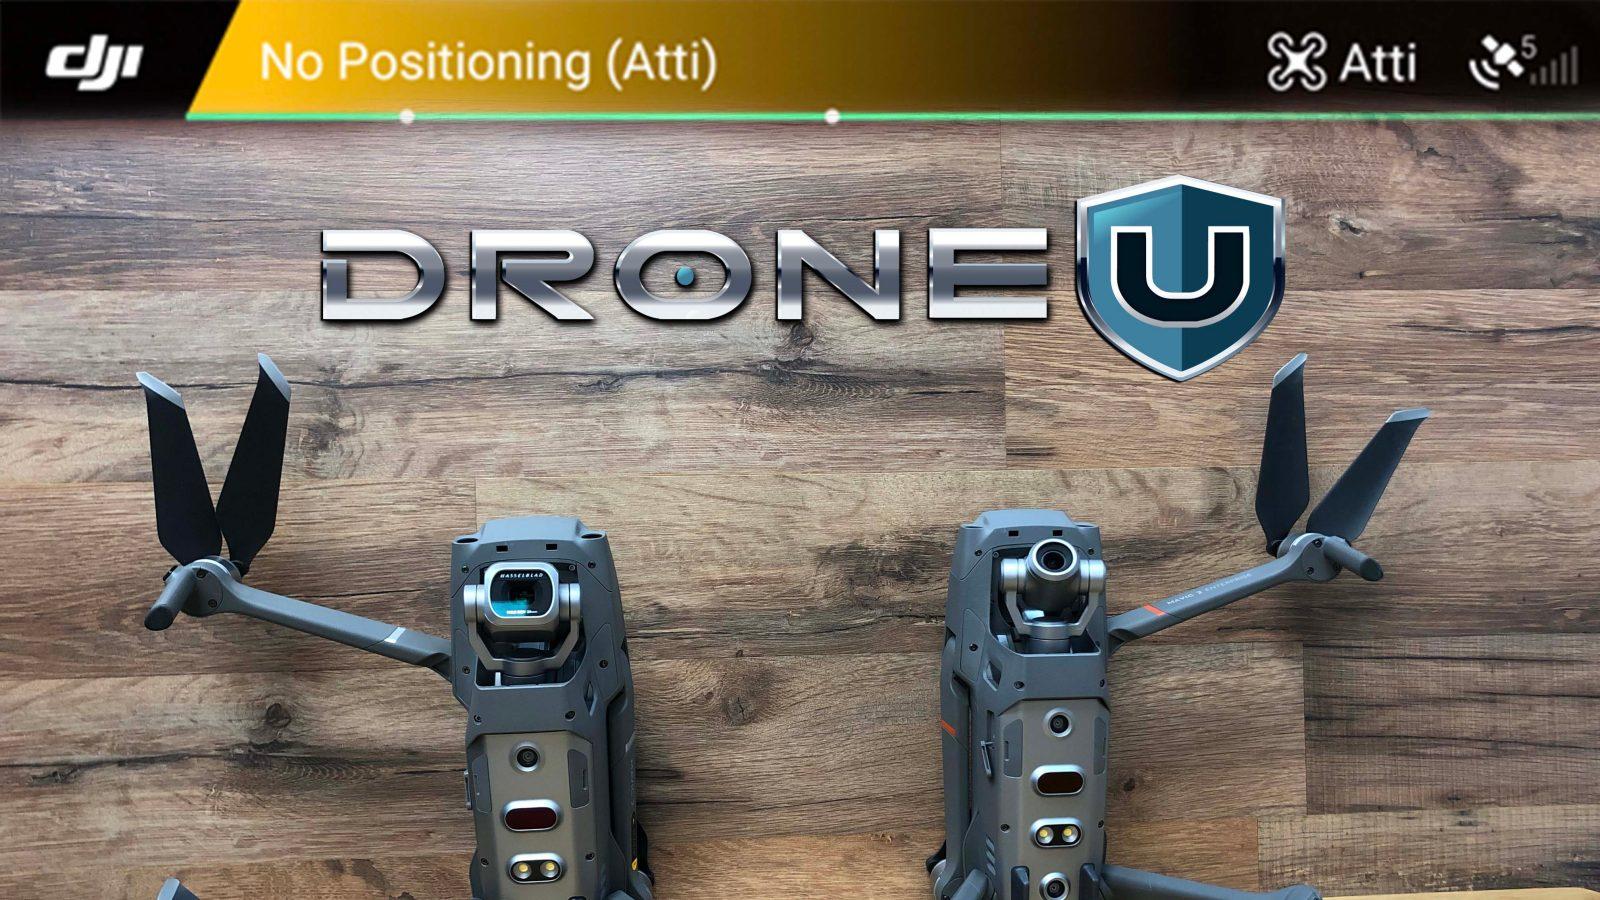 Hack your Mavic 2 Pro to Acquire Attitude Mode - DroneDJ